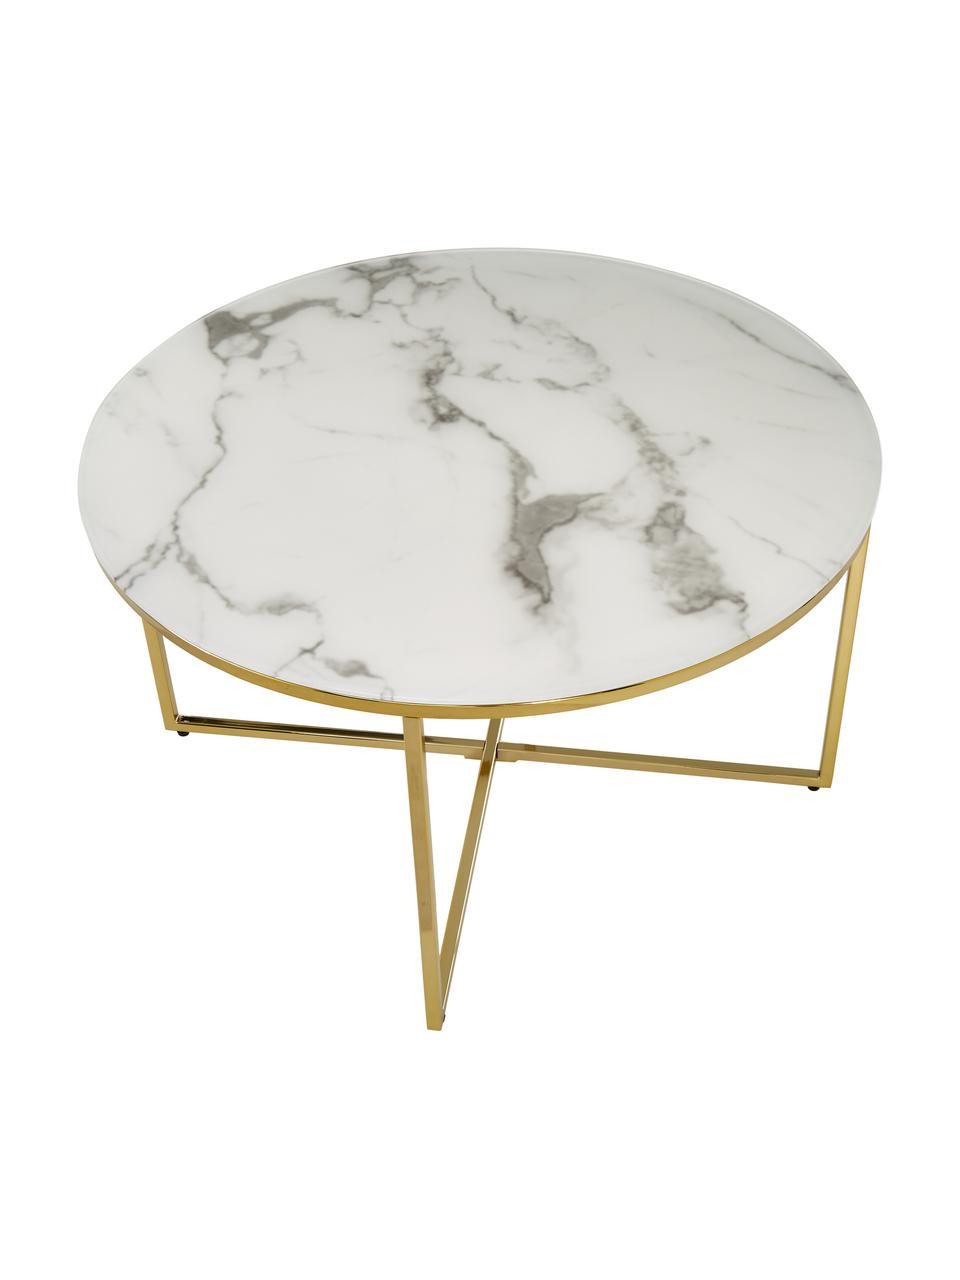 Tavolino da salotto con piano in vetro effetto marmo Antigua, Struttura: metallo ottonato, Piano: bianco marmorizzato Struttura: ottone, Ø 80 x Alt. 45 cm